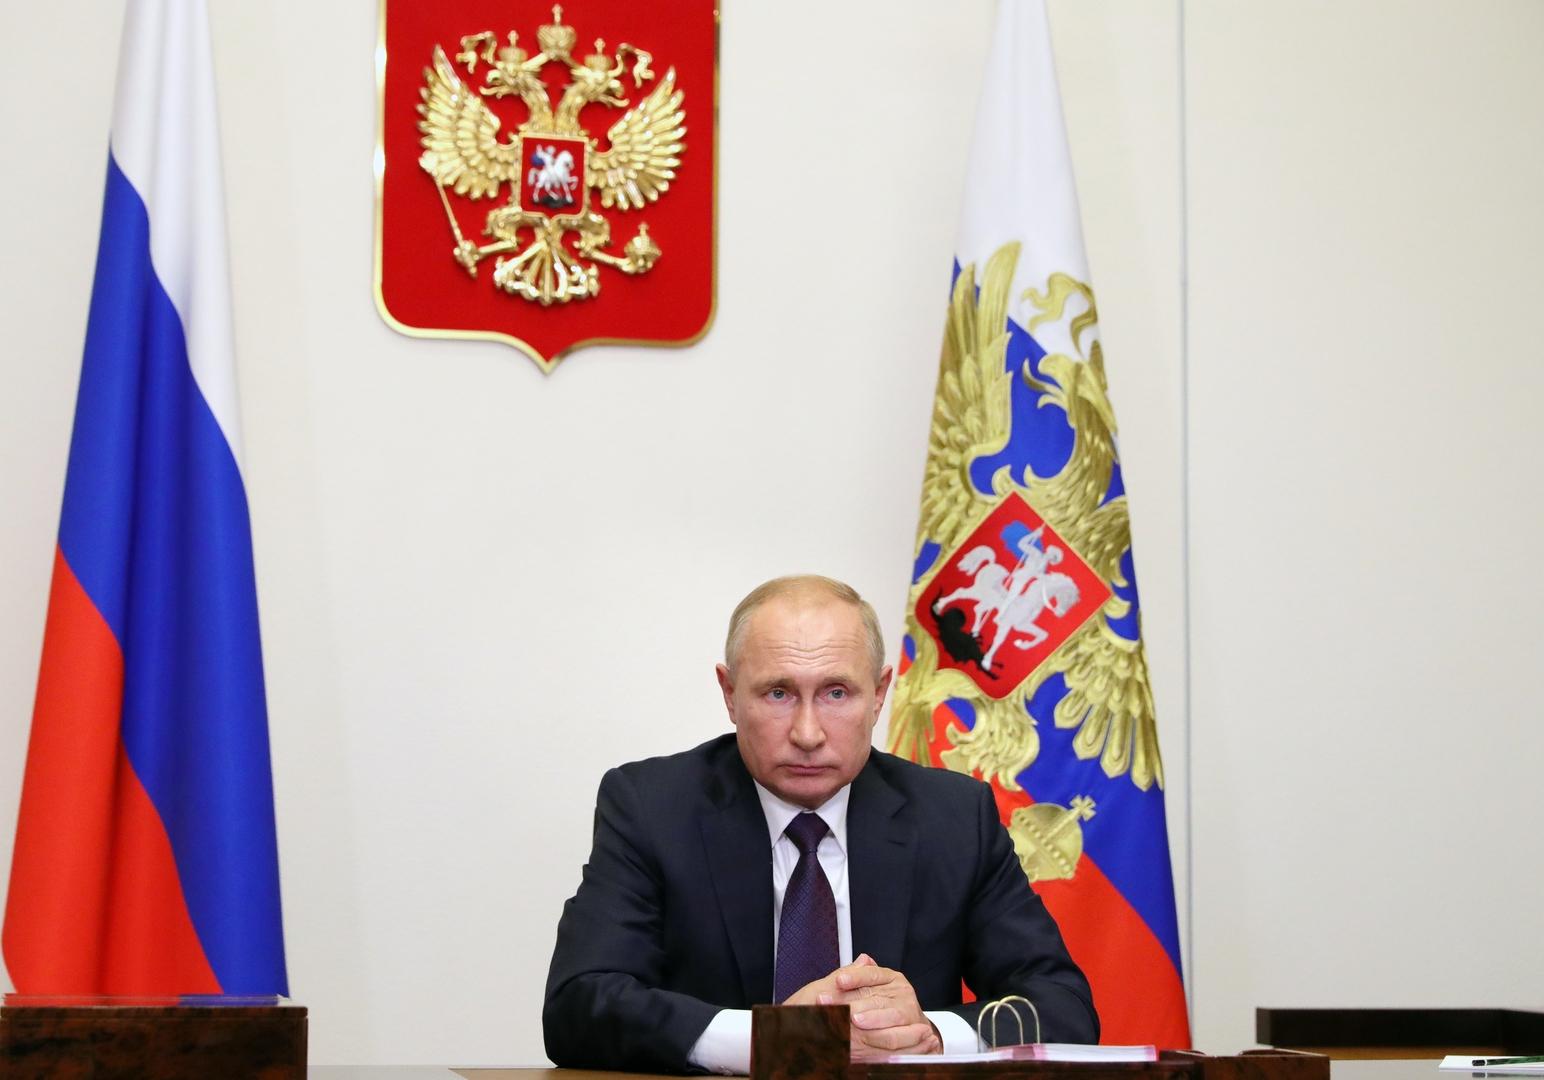 موسكو: بوتين على رأس الوفد الروسي إلى الجمعية العامة للأمم المتحدة